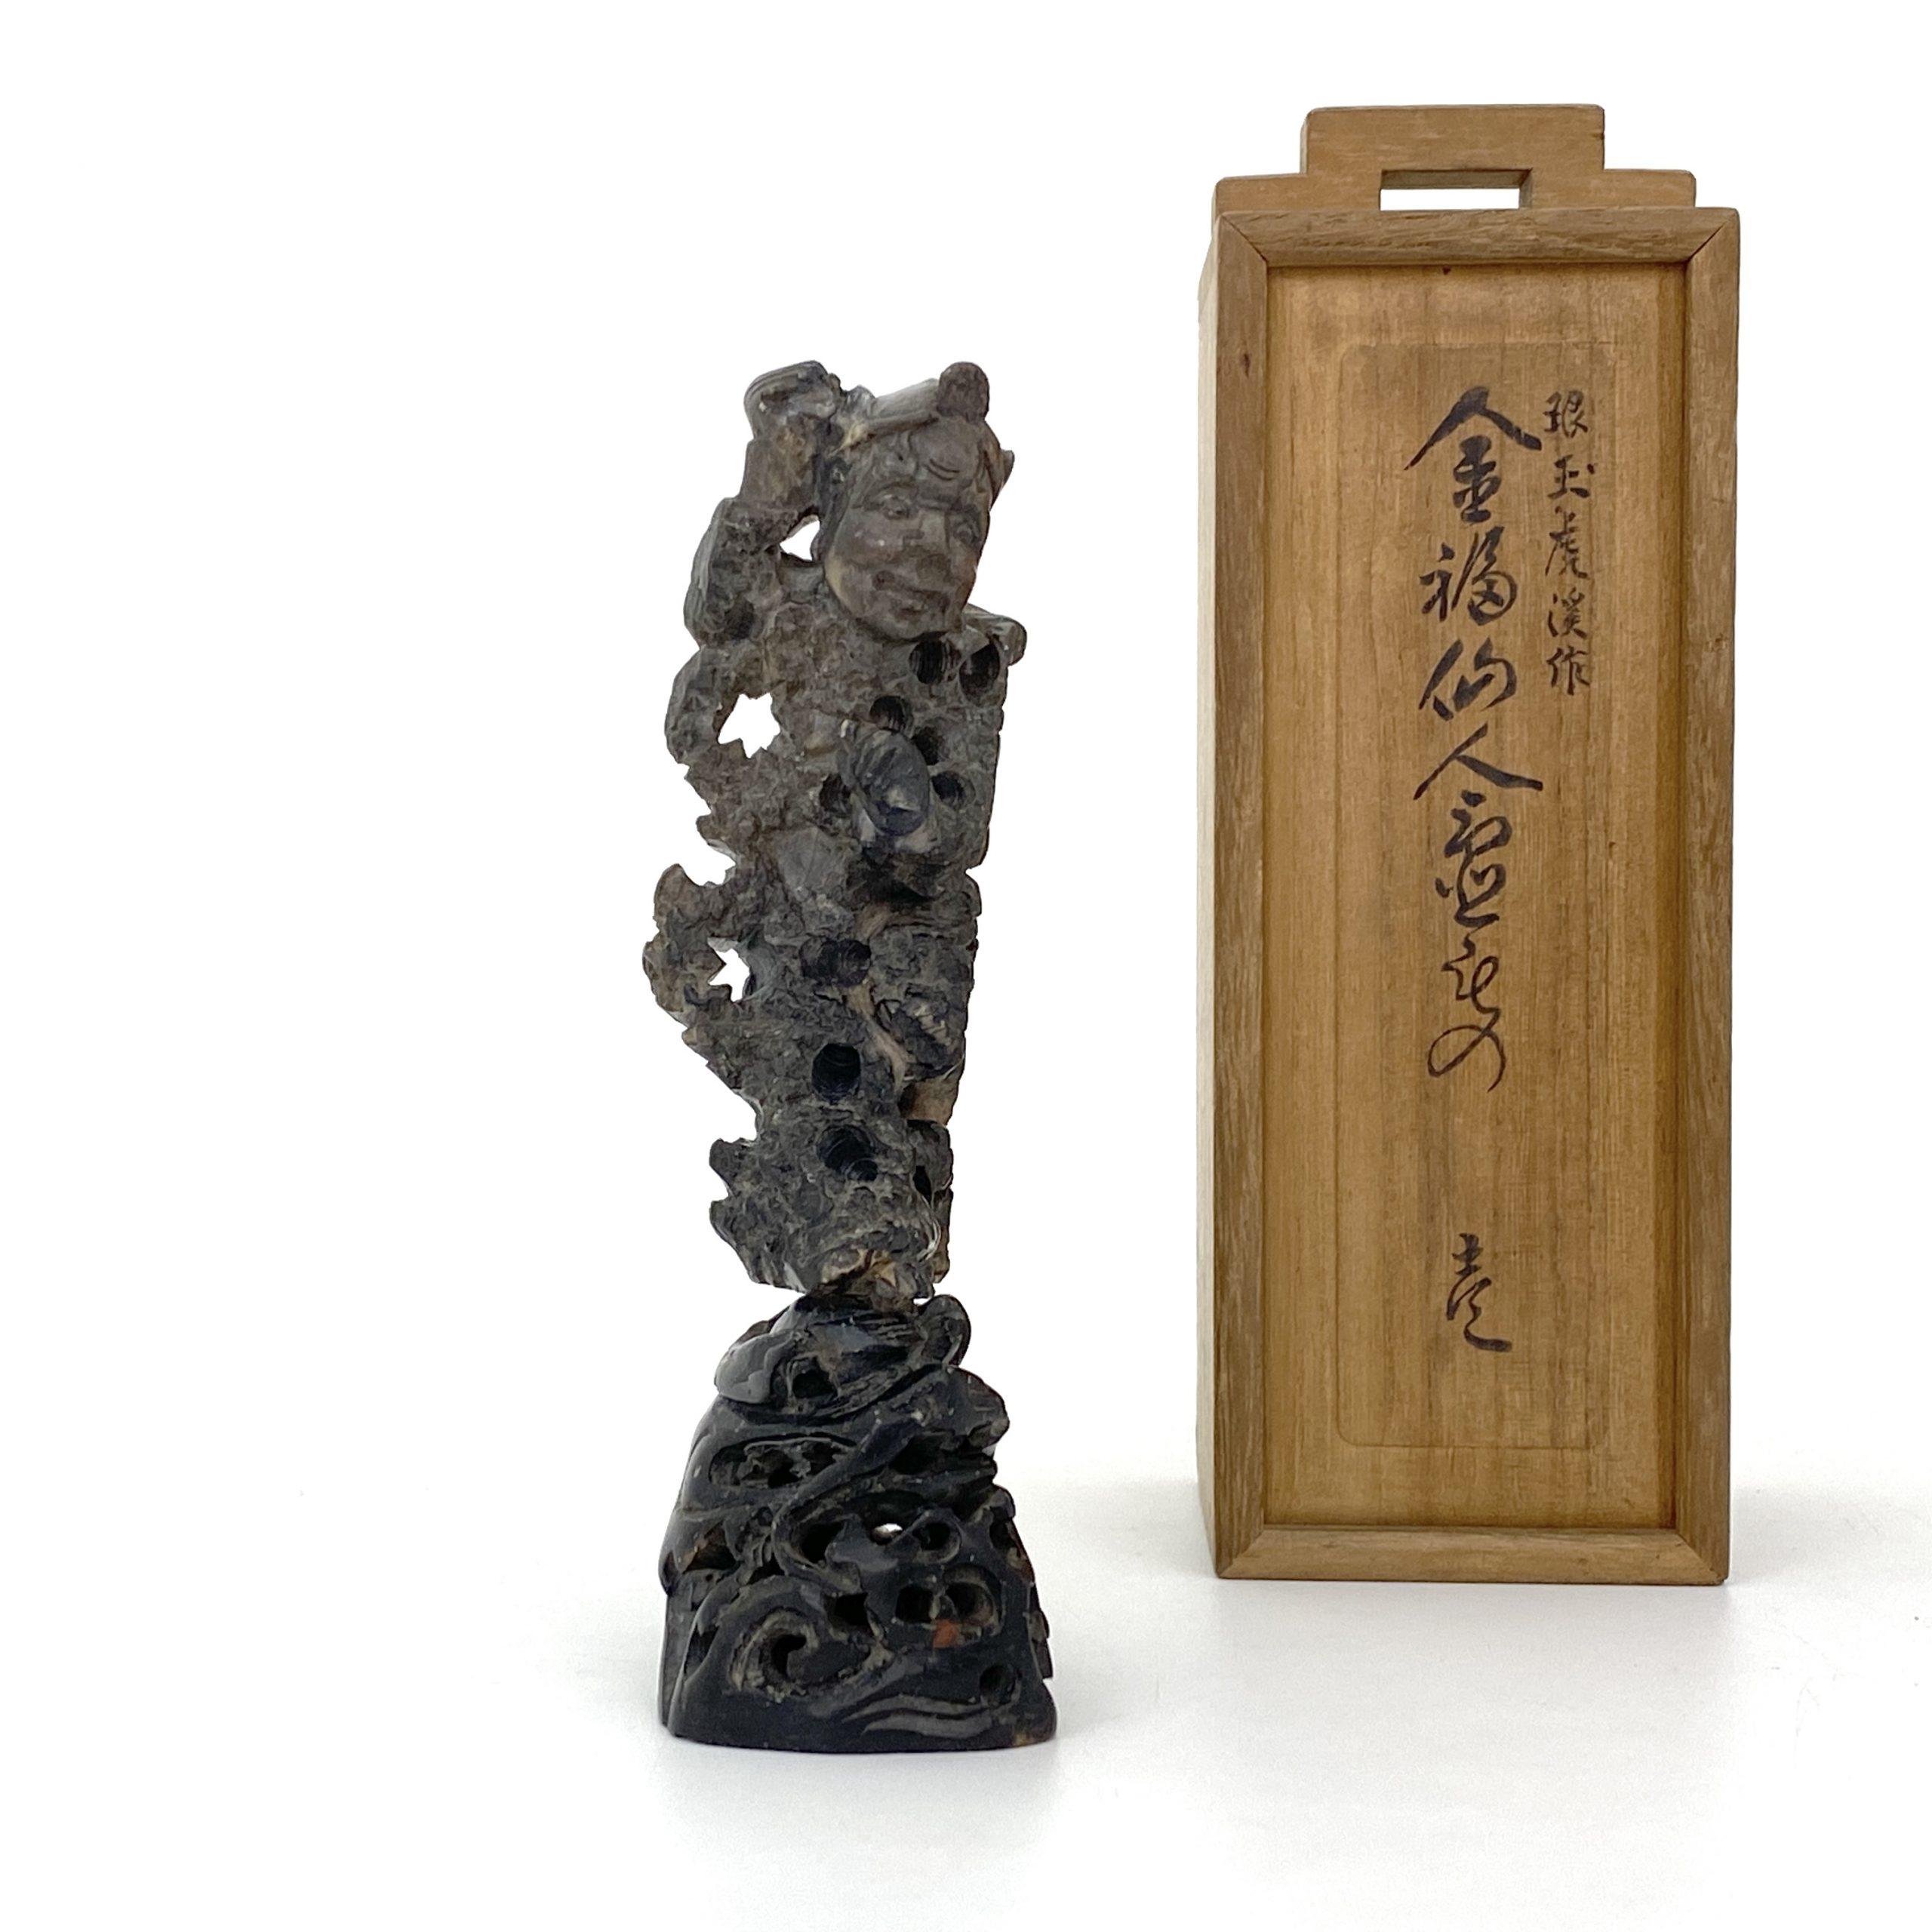 21218石雕 人物 「台「虎渓作」」